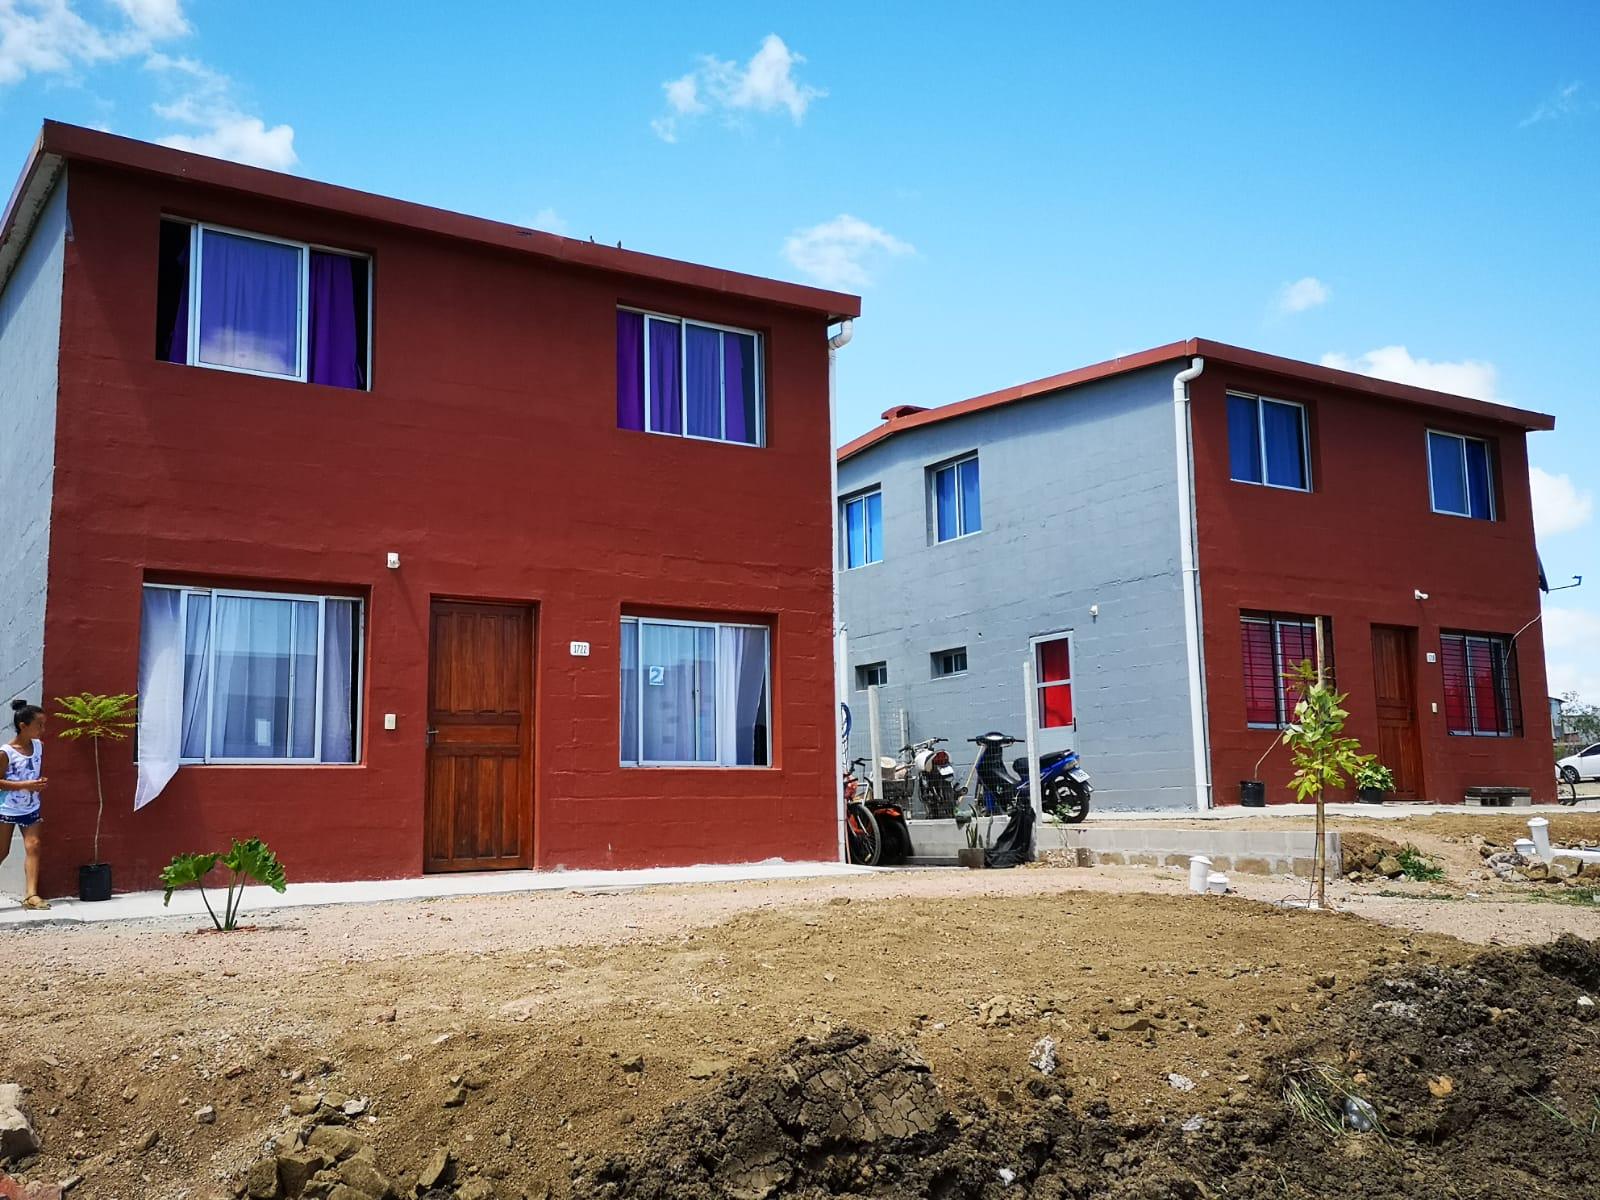 Inauguración de viviendas en Melo, Cerro Largo